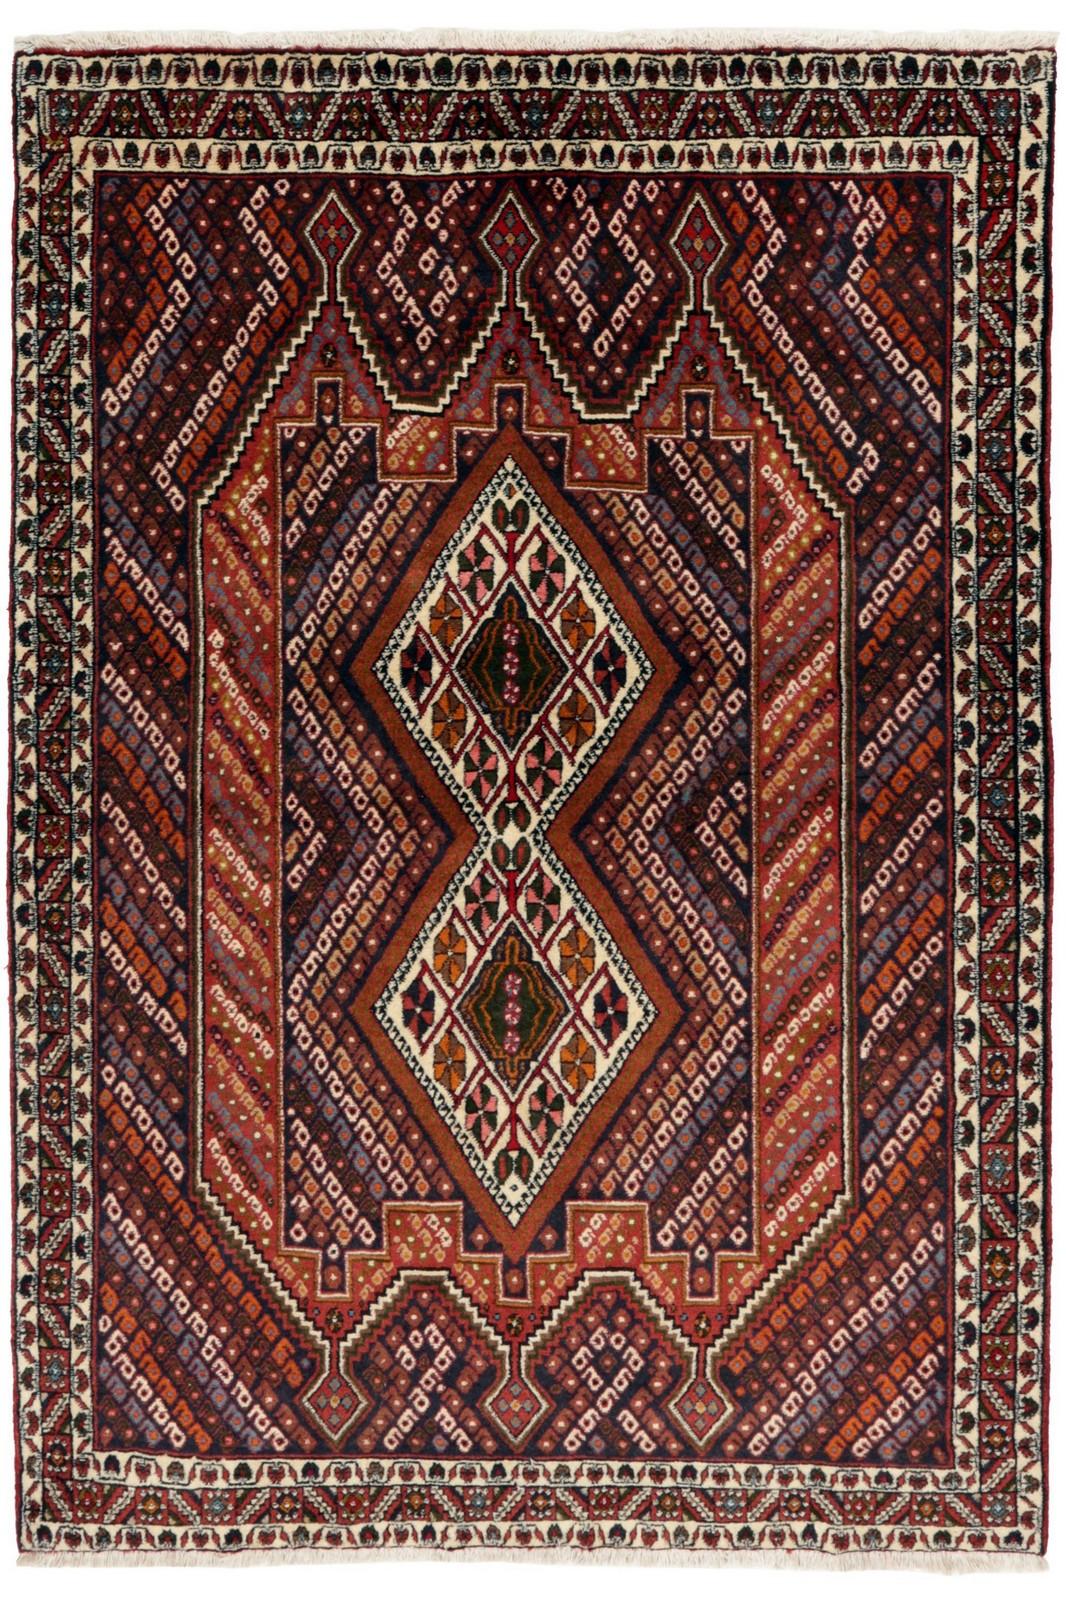 Persisk Afshar tæppe, 176 x 123 cm - Persisk Afshar tæppe, syd Persien. Uld på bomuld. 176 x 123 cm